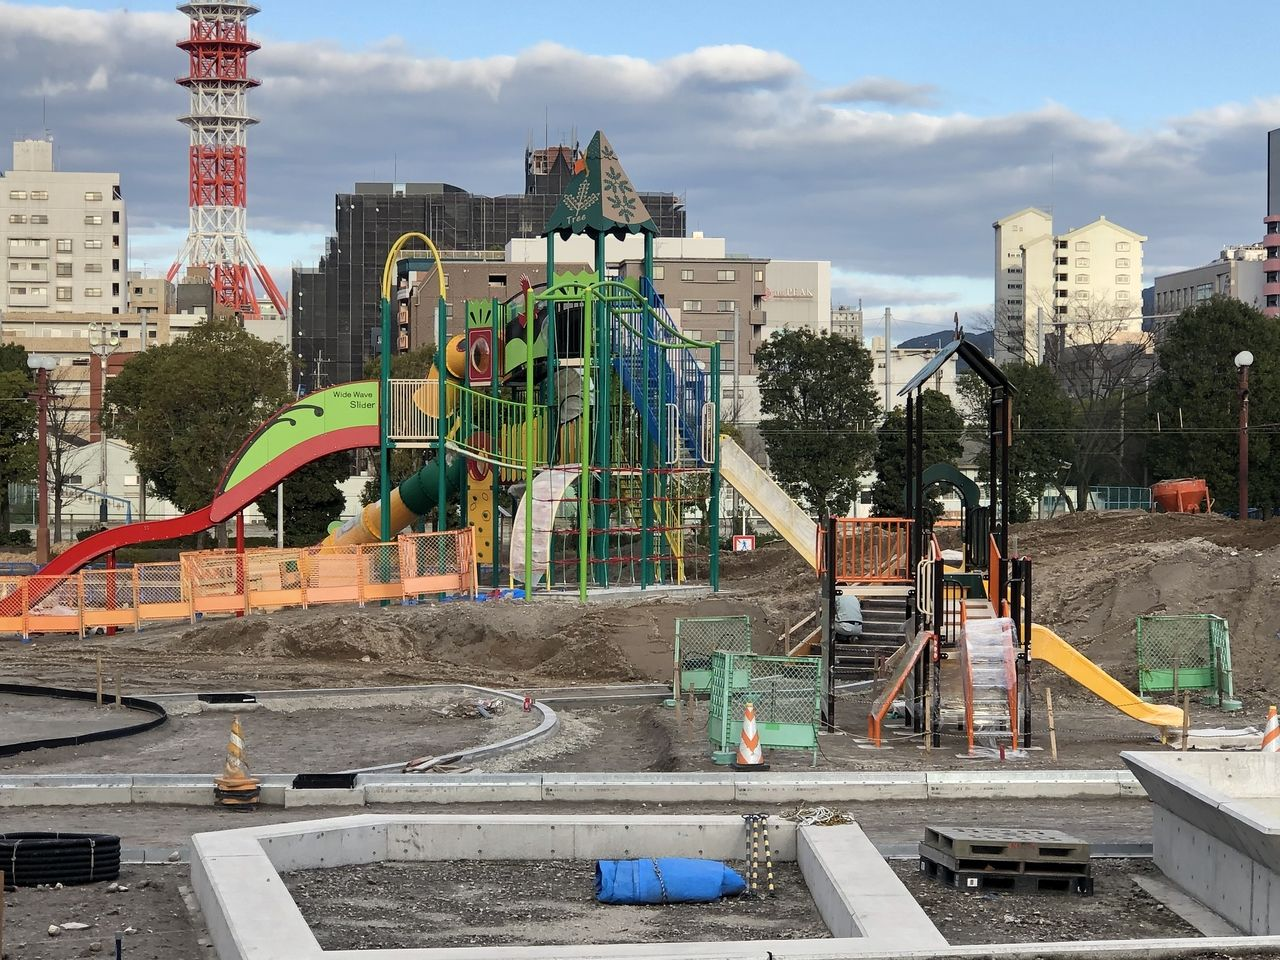 鹿児島市加治屋町 旧市立病院跡地は大きな公園になろとしています。